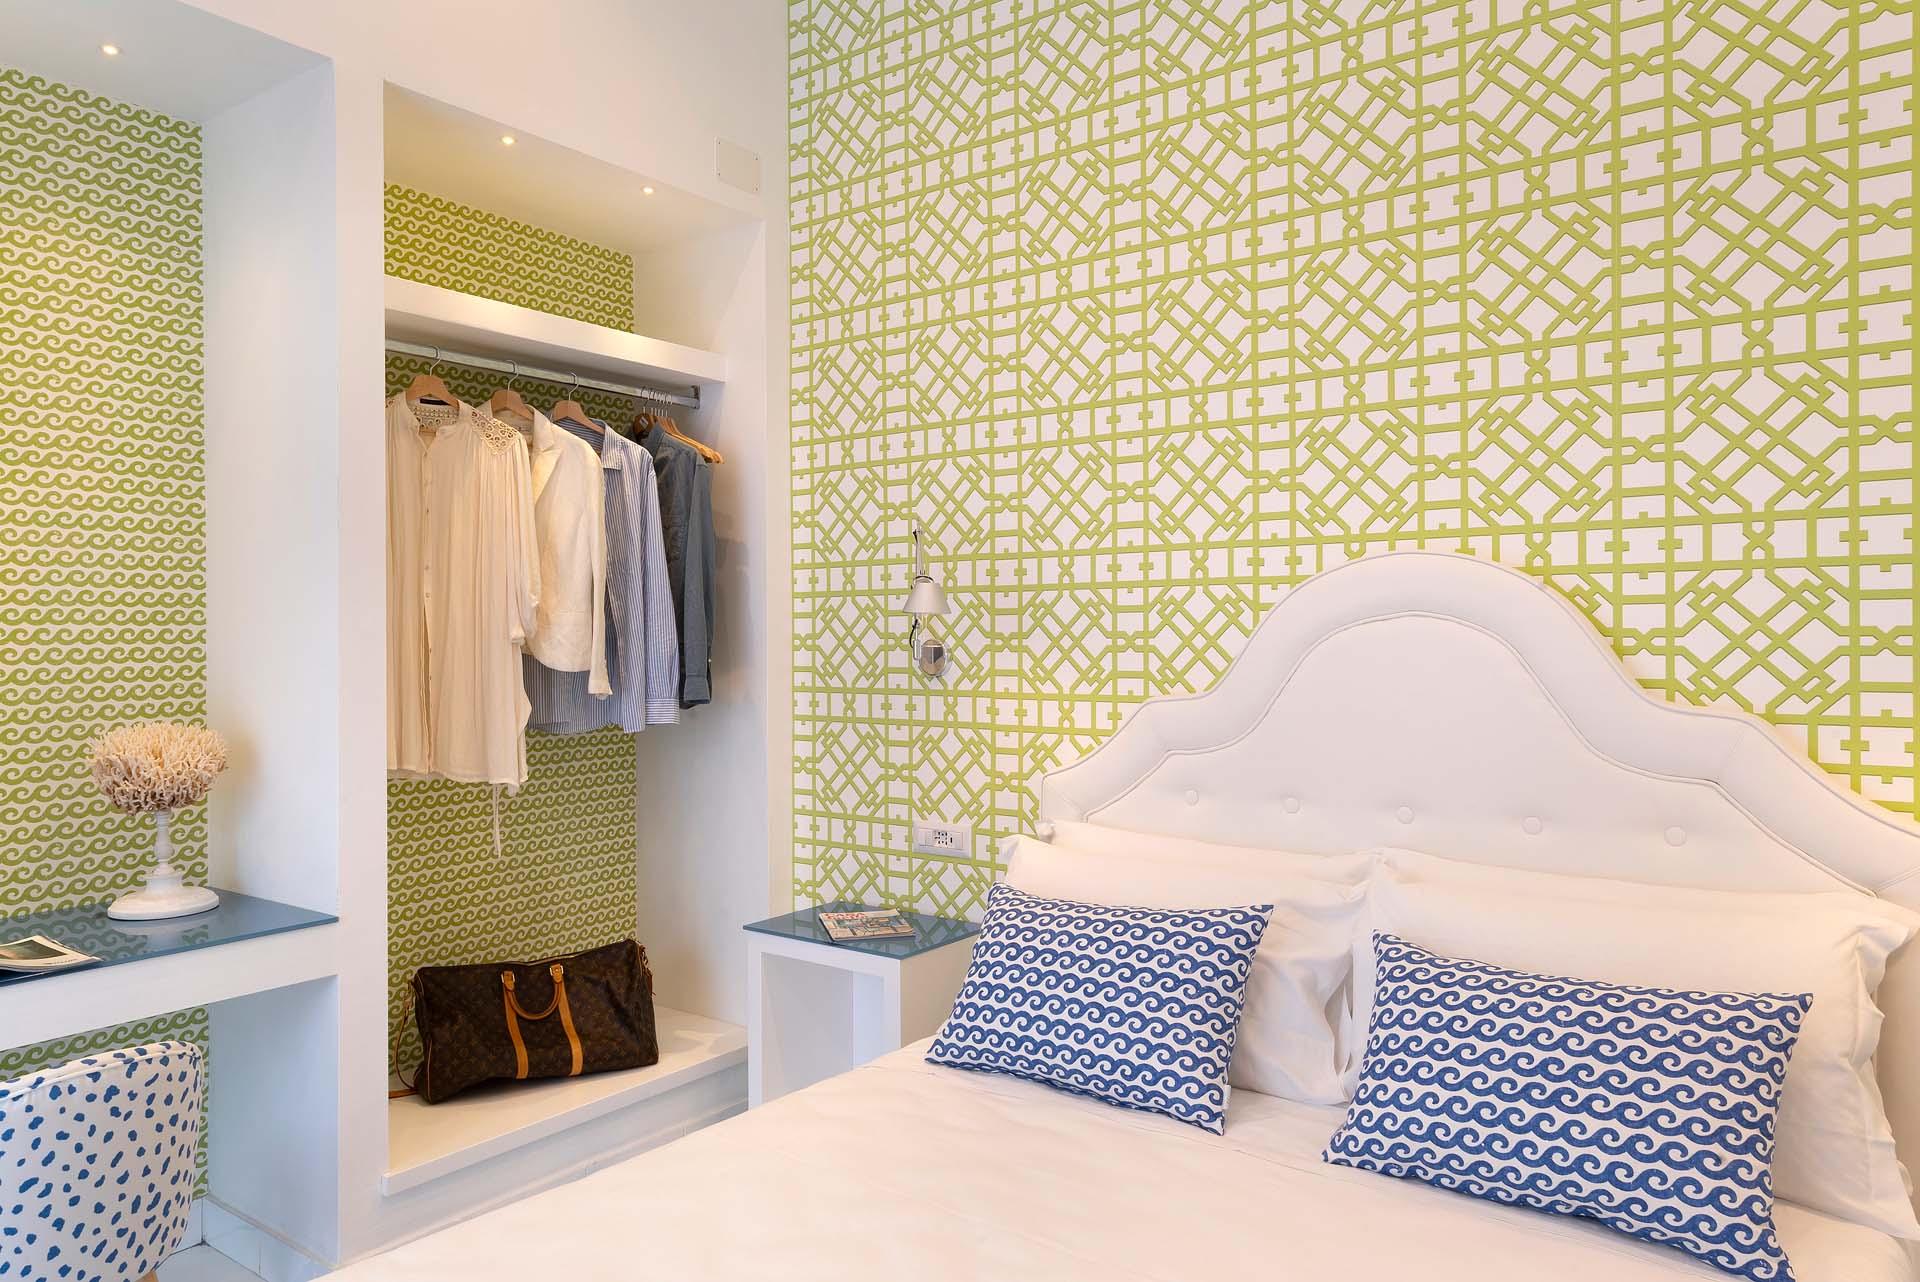 Luxury apartment, bedroom